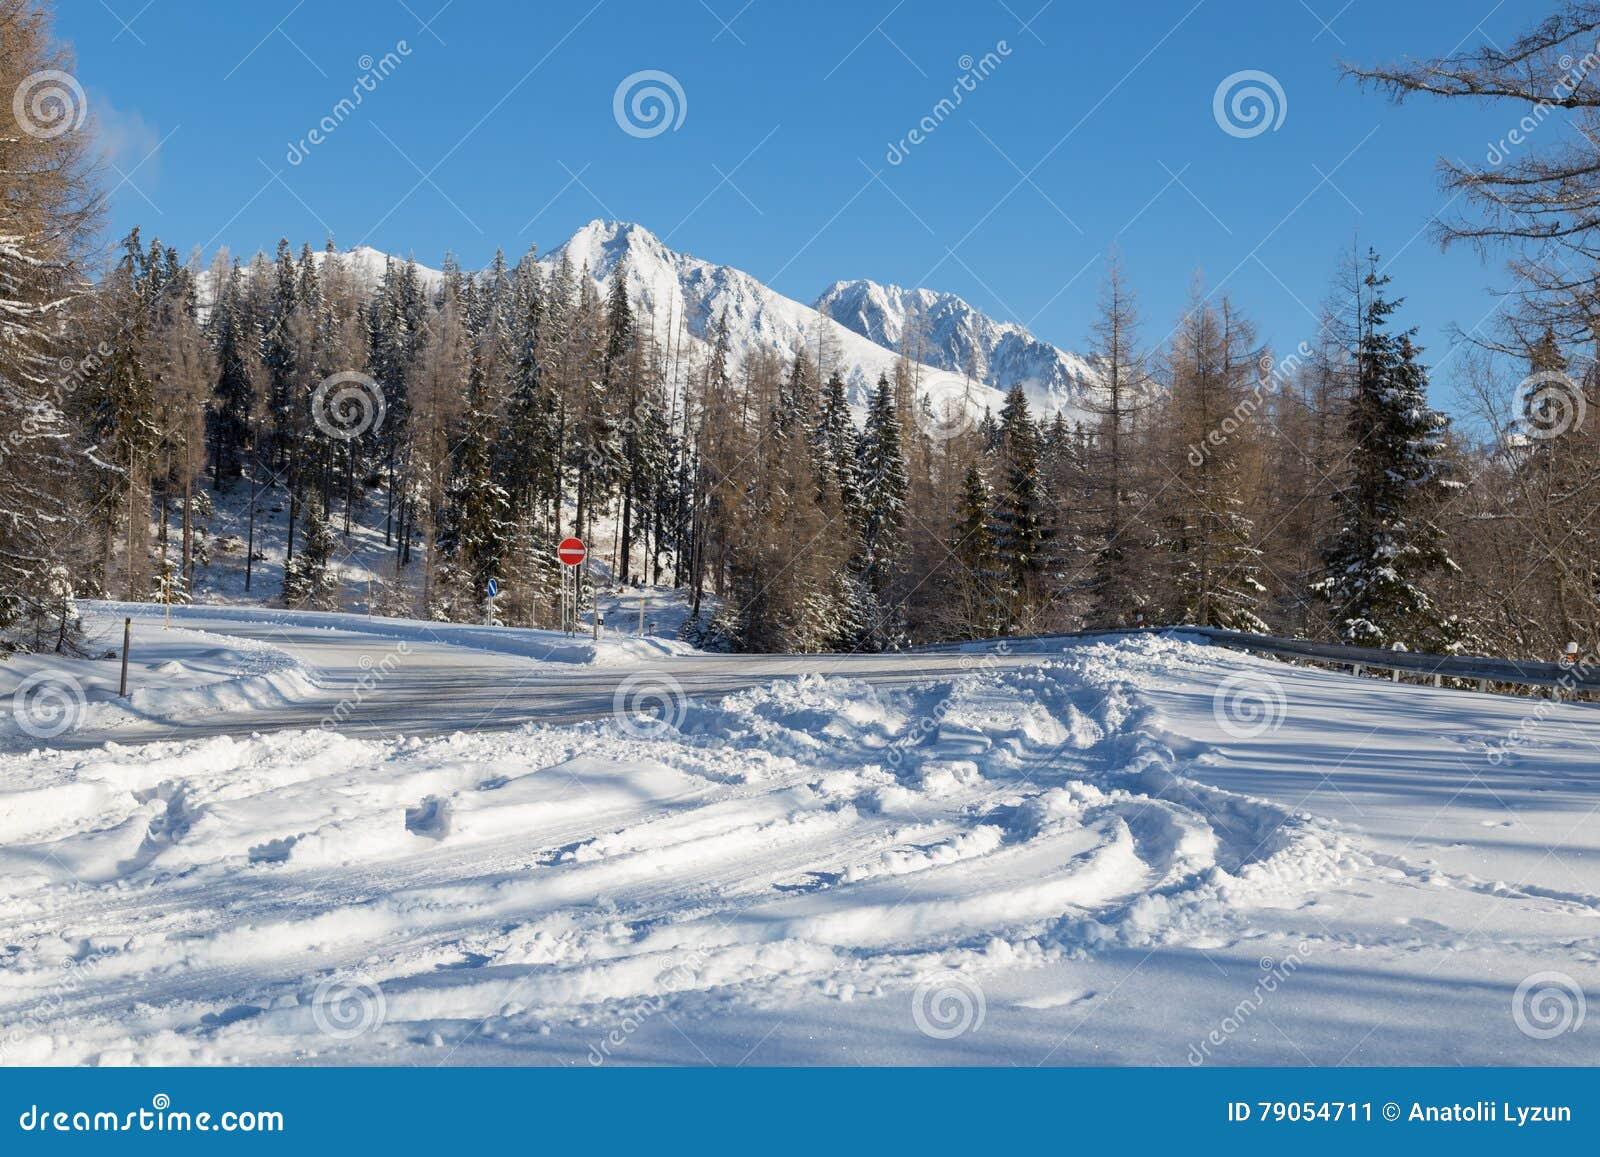 Schneebedeckte Straße des Winters mit Ansichten von Bergen der schneebedeckten Spitzen